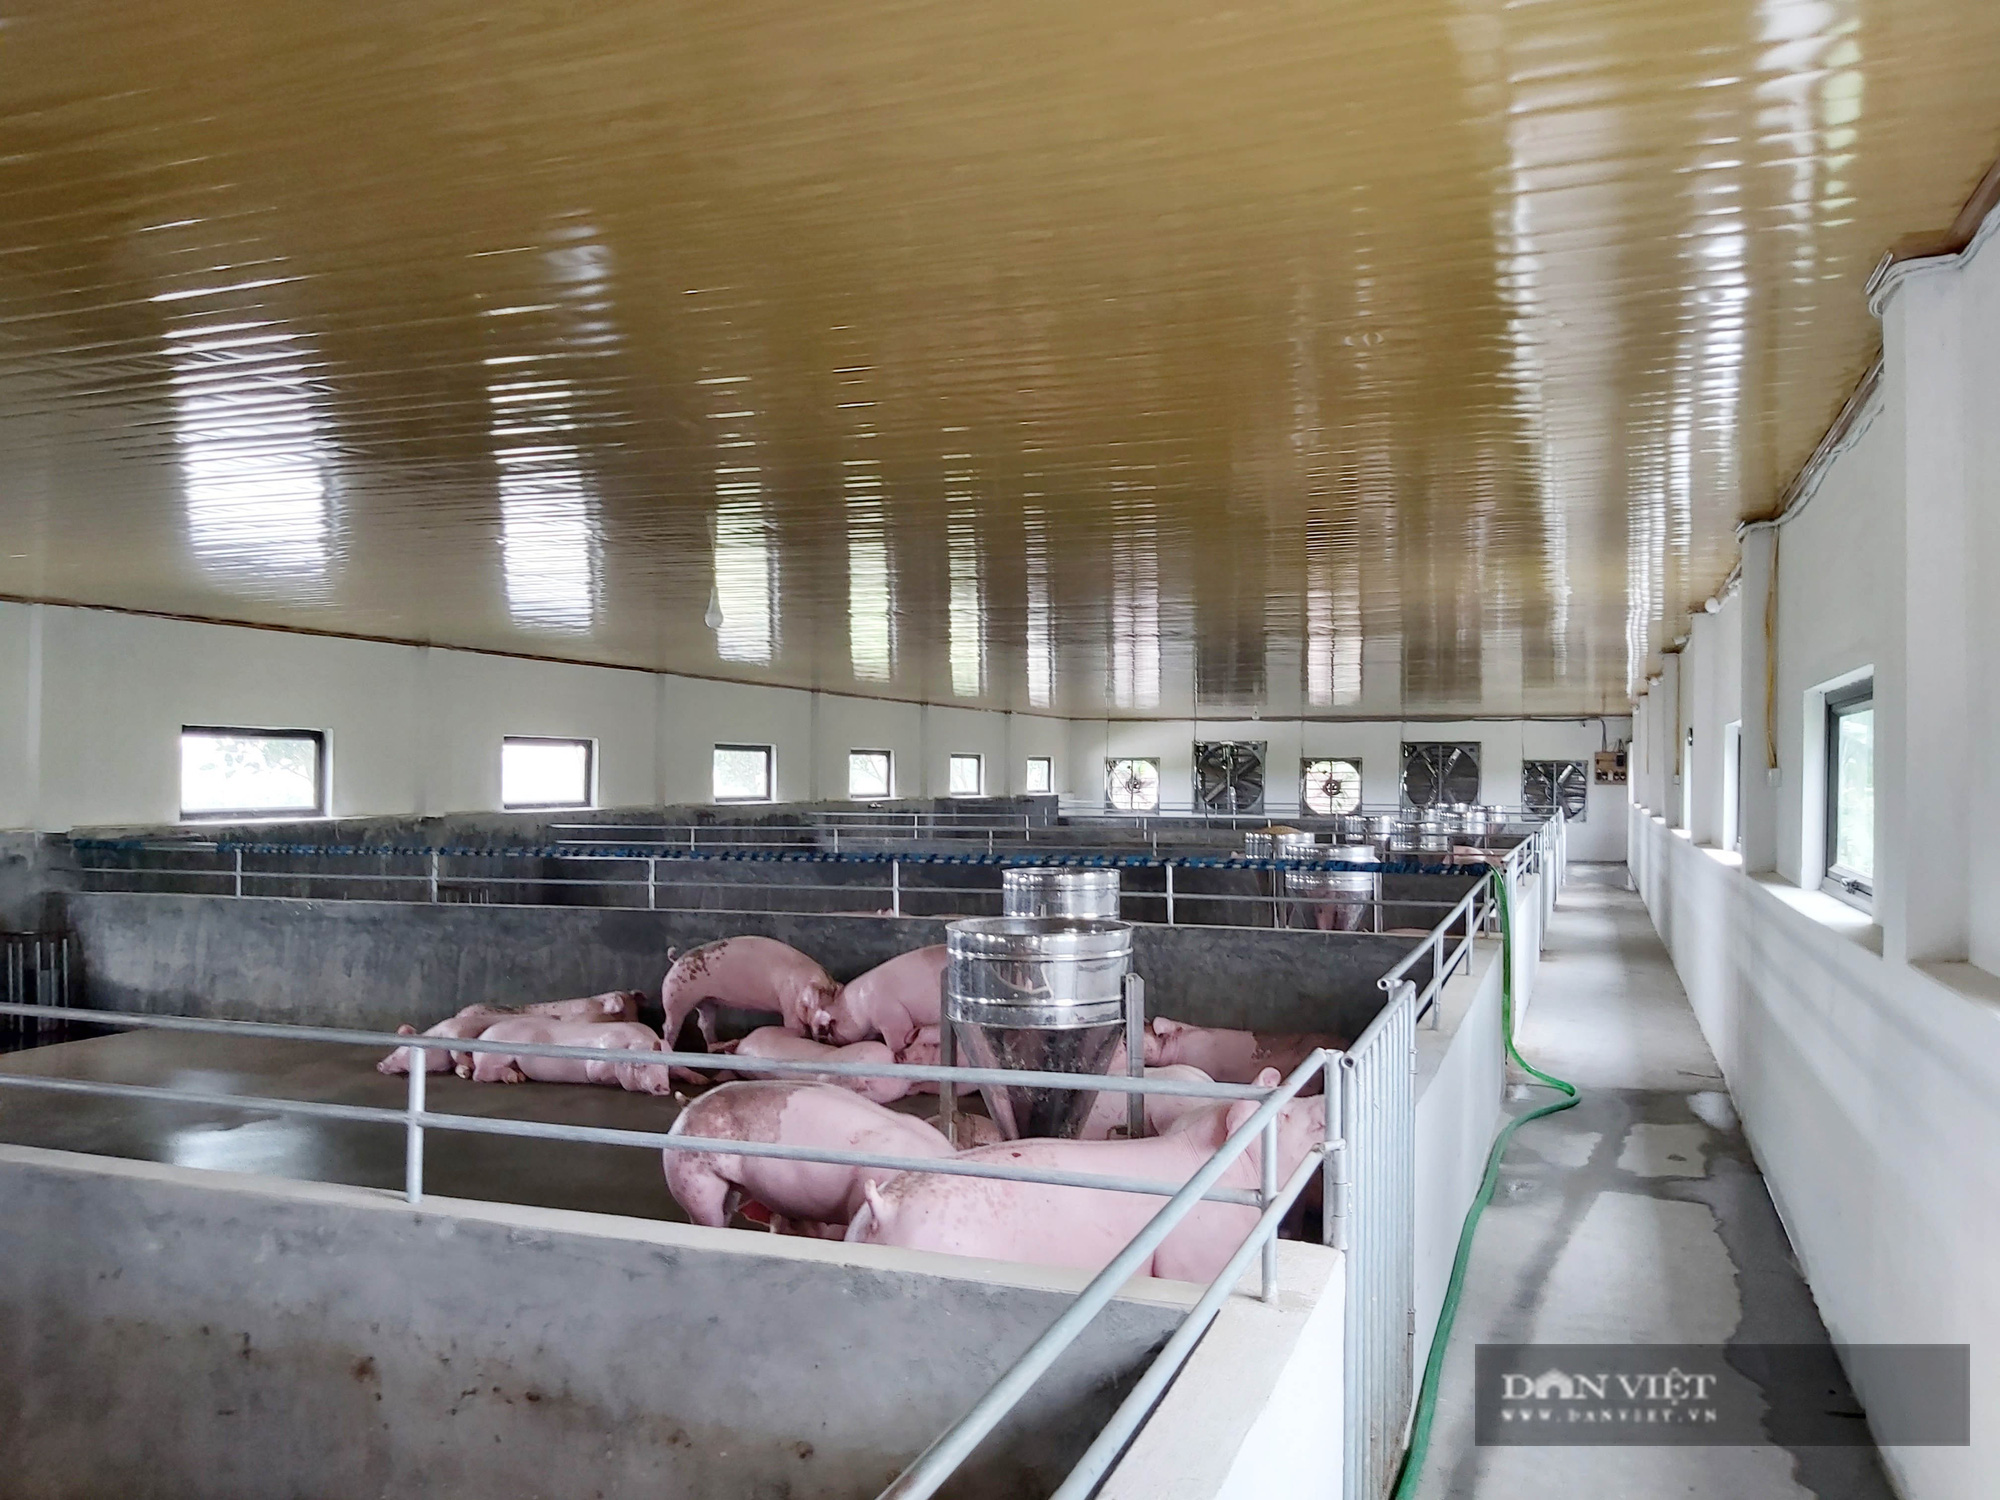 """Sau dịch tả lợn Châu Phi, một nông dân ở Thái Bình """"liều"""" đầu tư trại lợn 800 triệu đồng, thu tiền đều tay - Ảnh 3."""